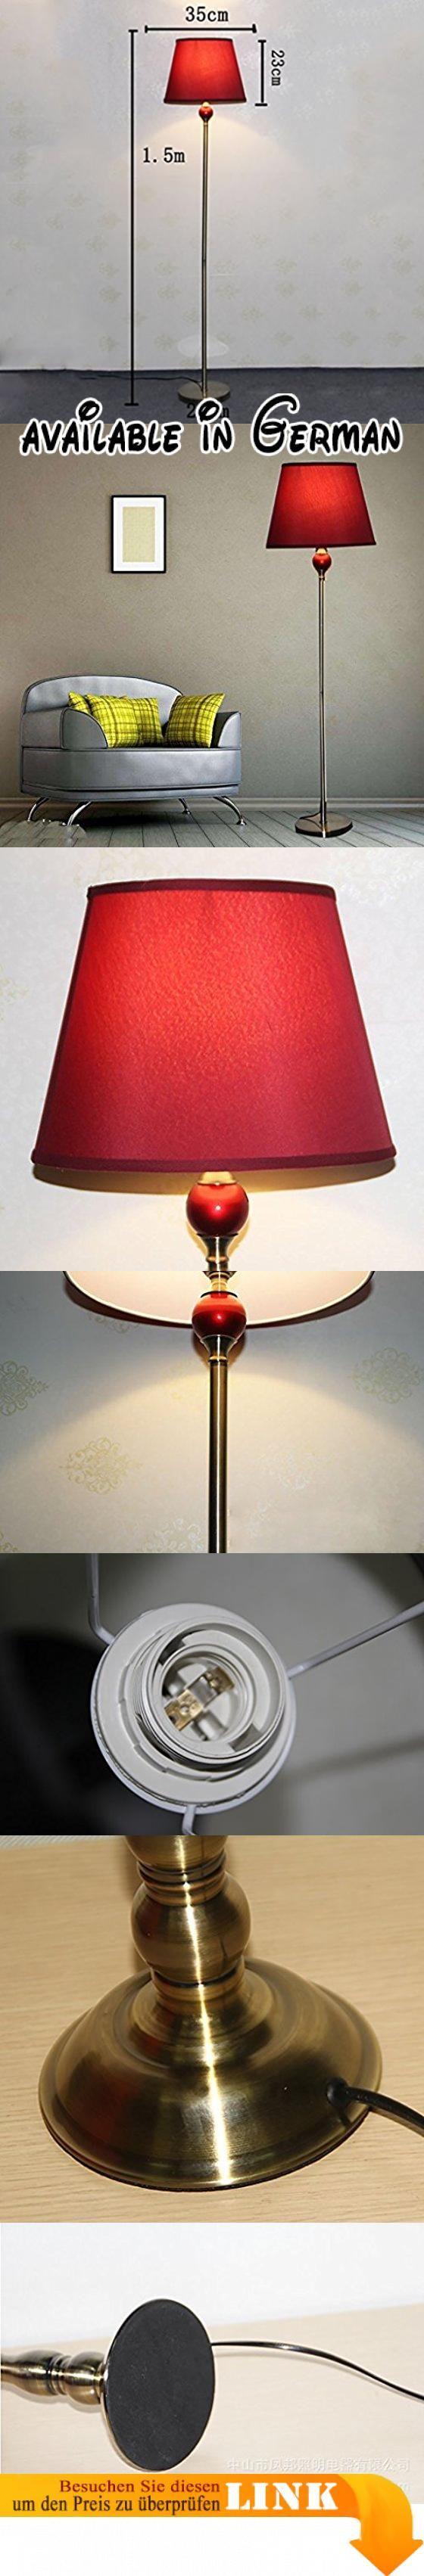 Die besten 25 energiesparlampen ideen auf pinterest led die lampe ist mit e27 schraubverschluss fr eine vielzahl von energiesparlampen leuchtstofflampen und gewhnlichen glhbirnen parisarafo Gallery